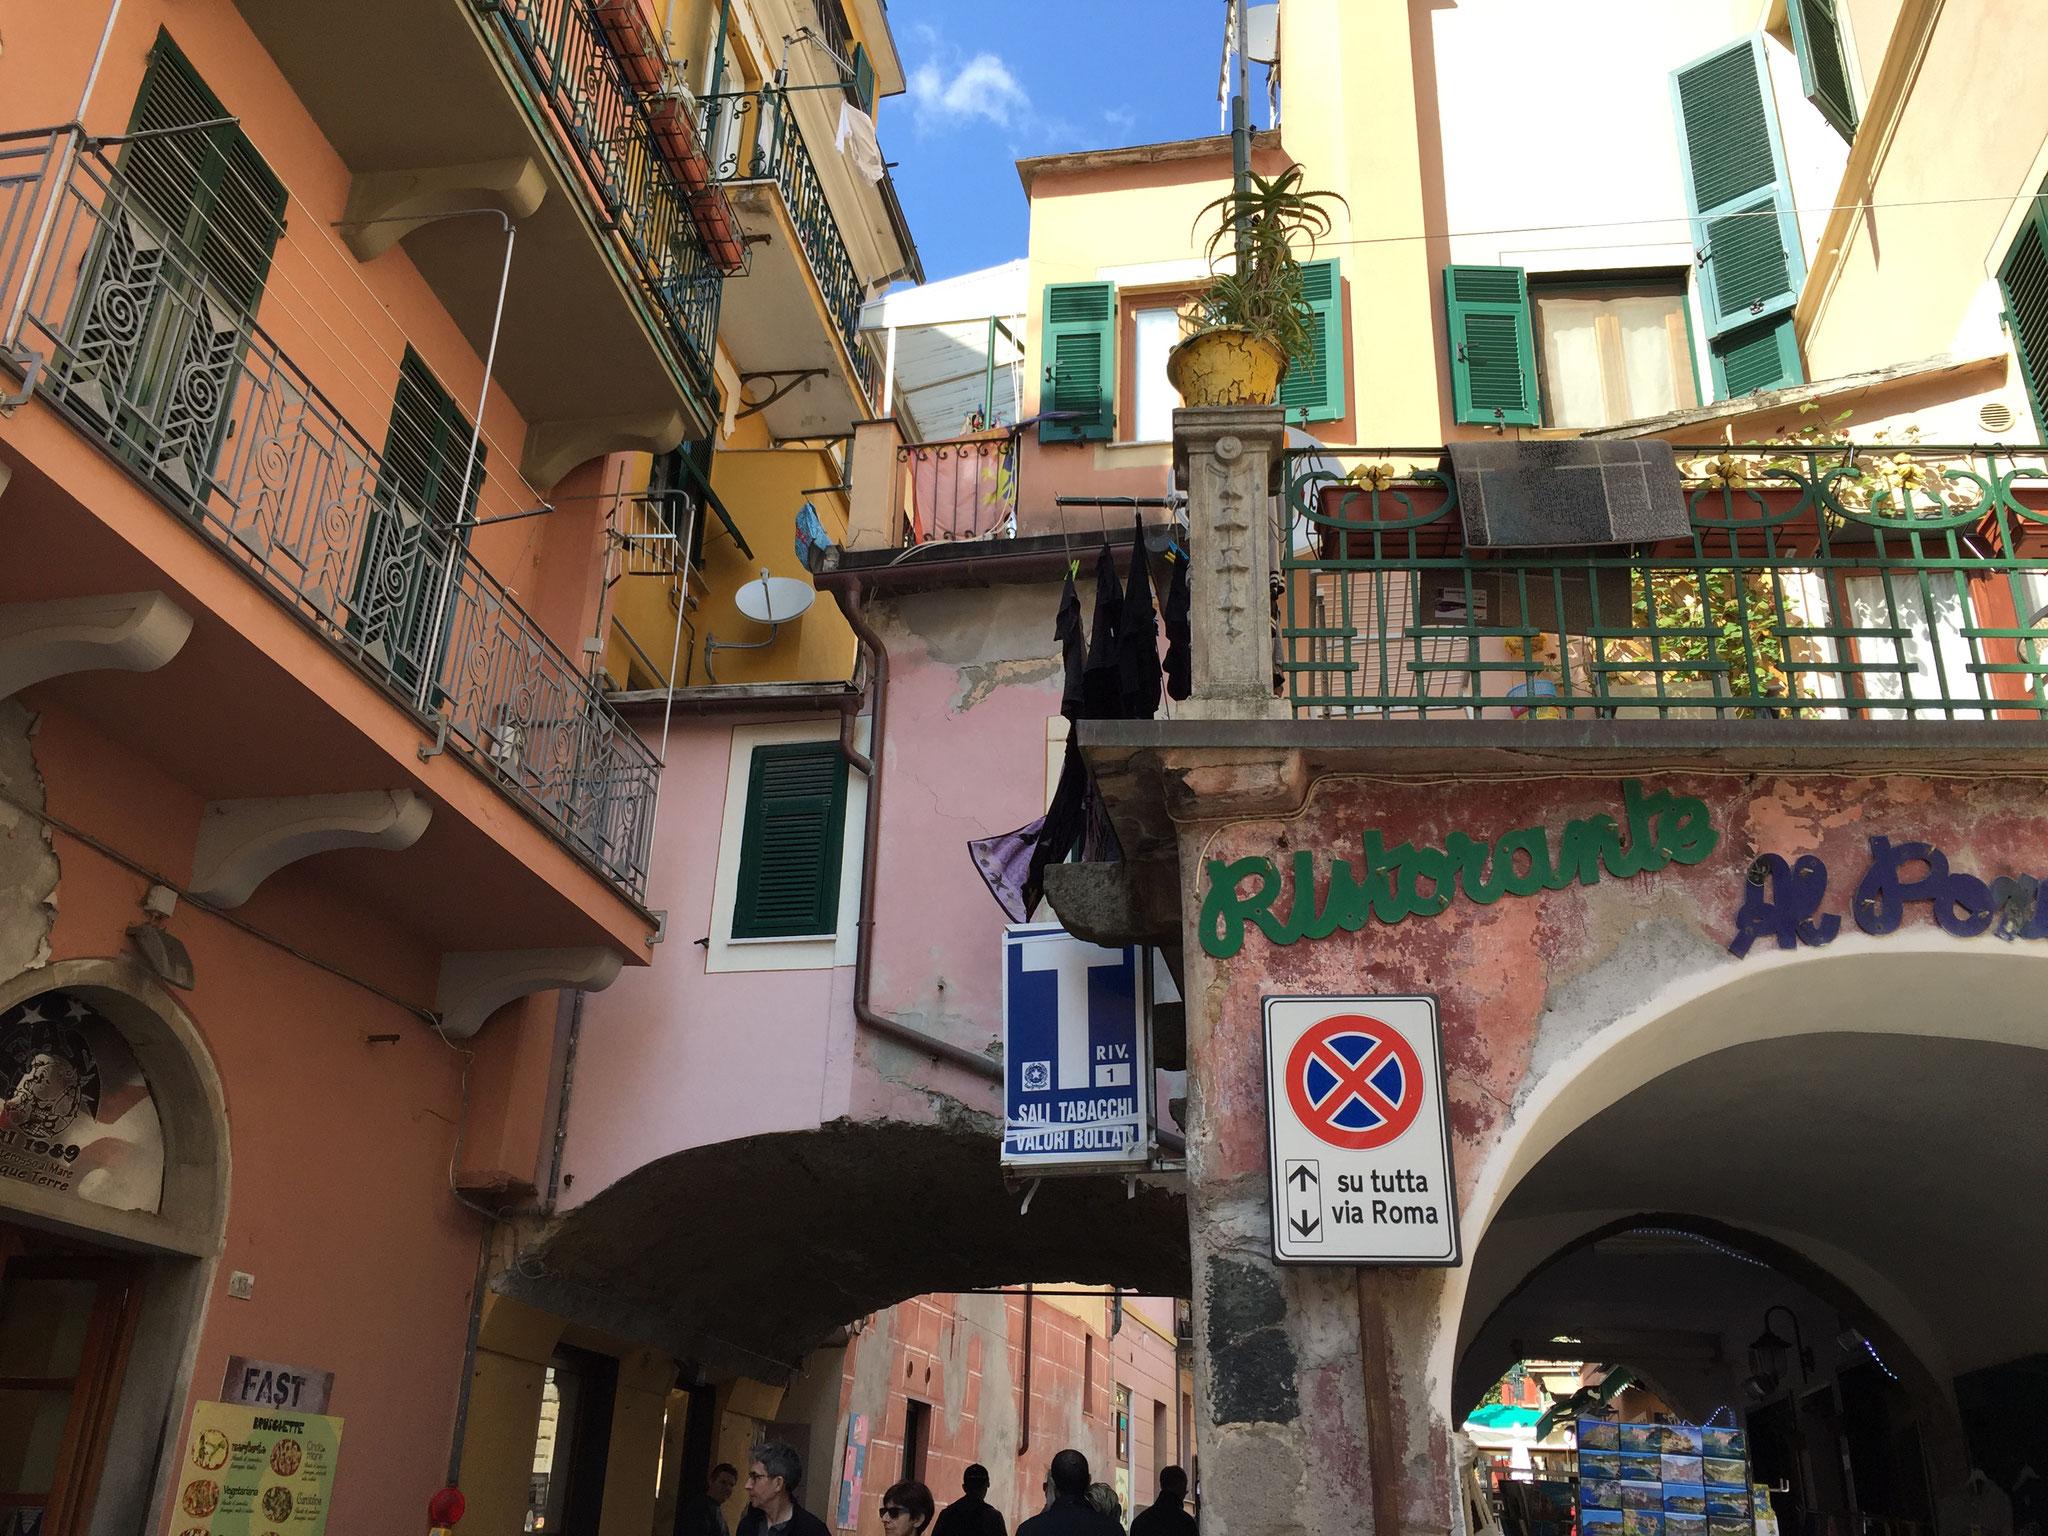 Cinqueterre (ich kann die Orte leider nicht mehr wirklich benennen)